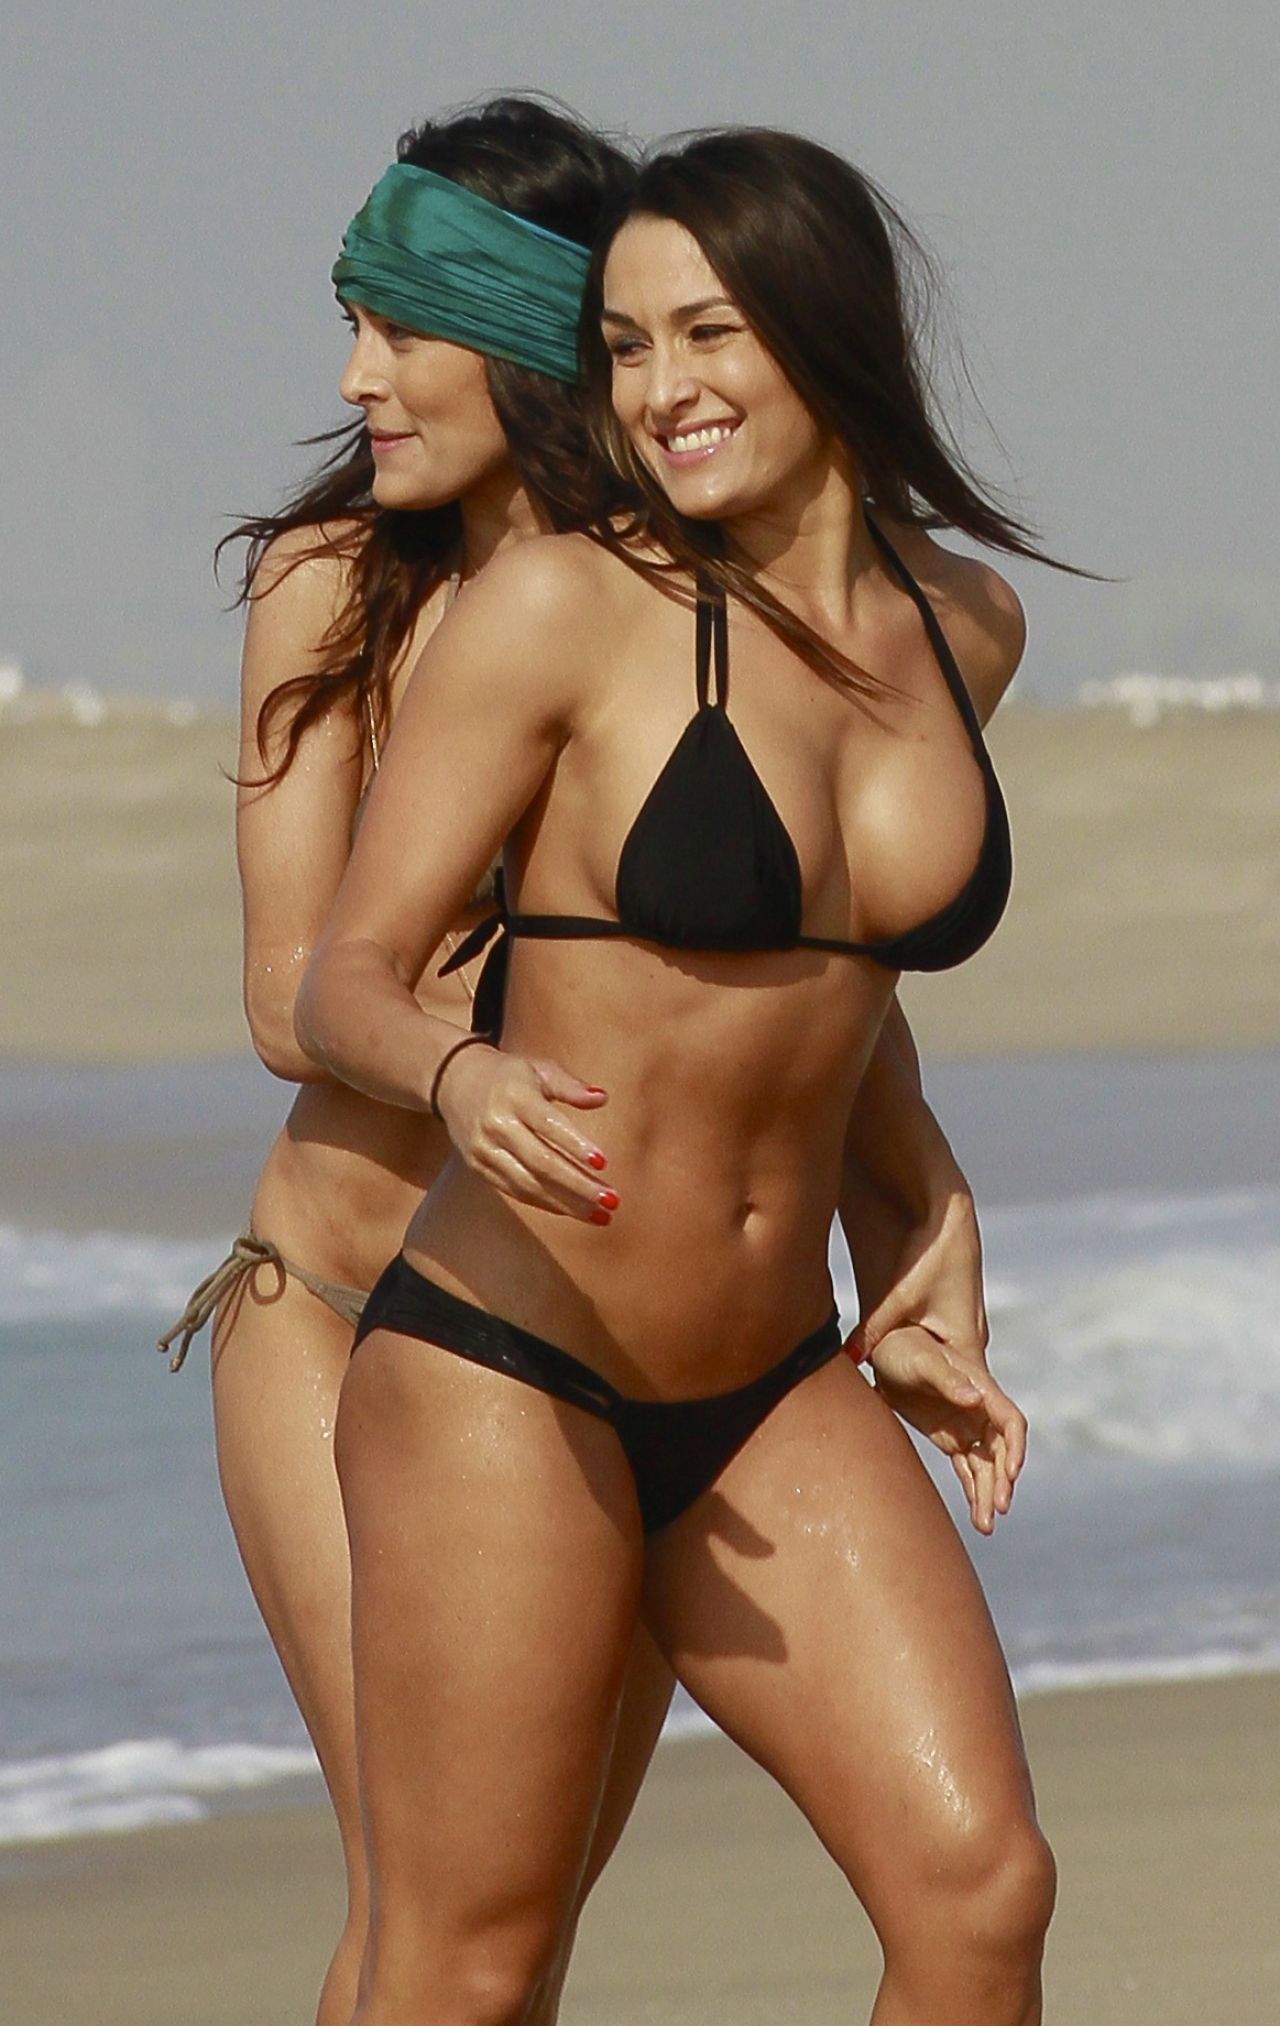 Hot twin girls bikini